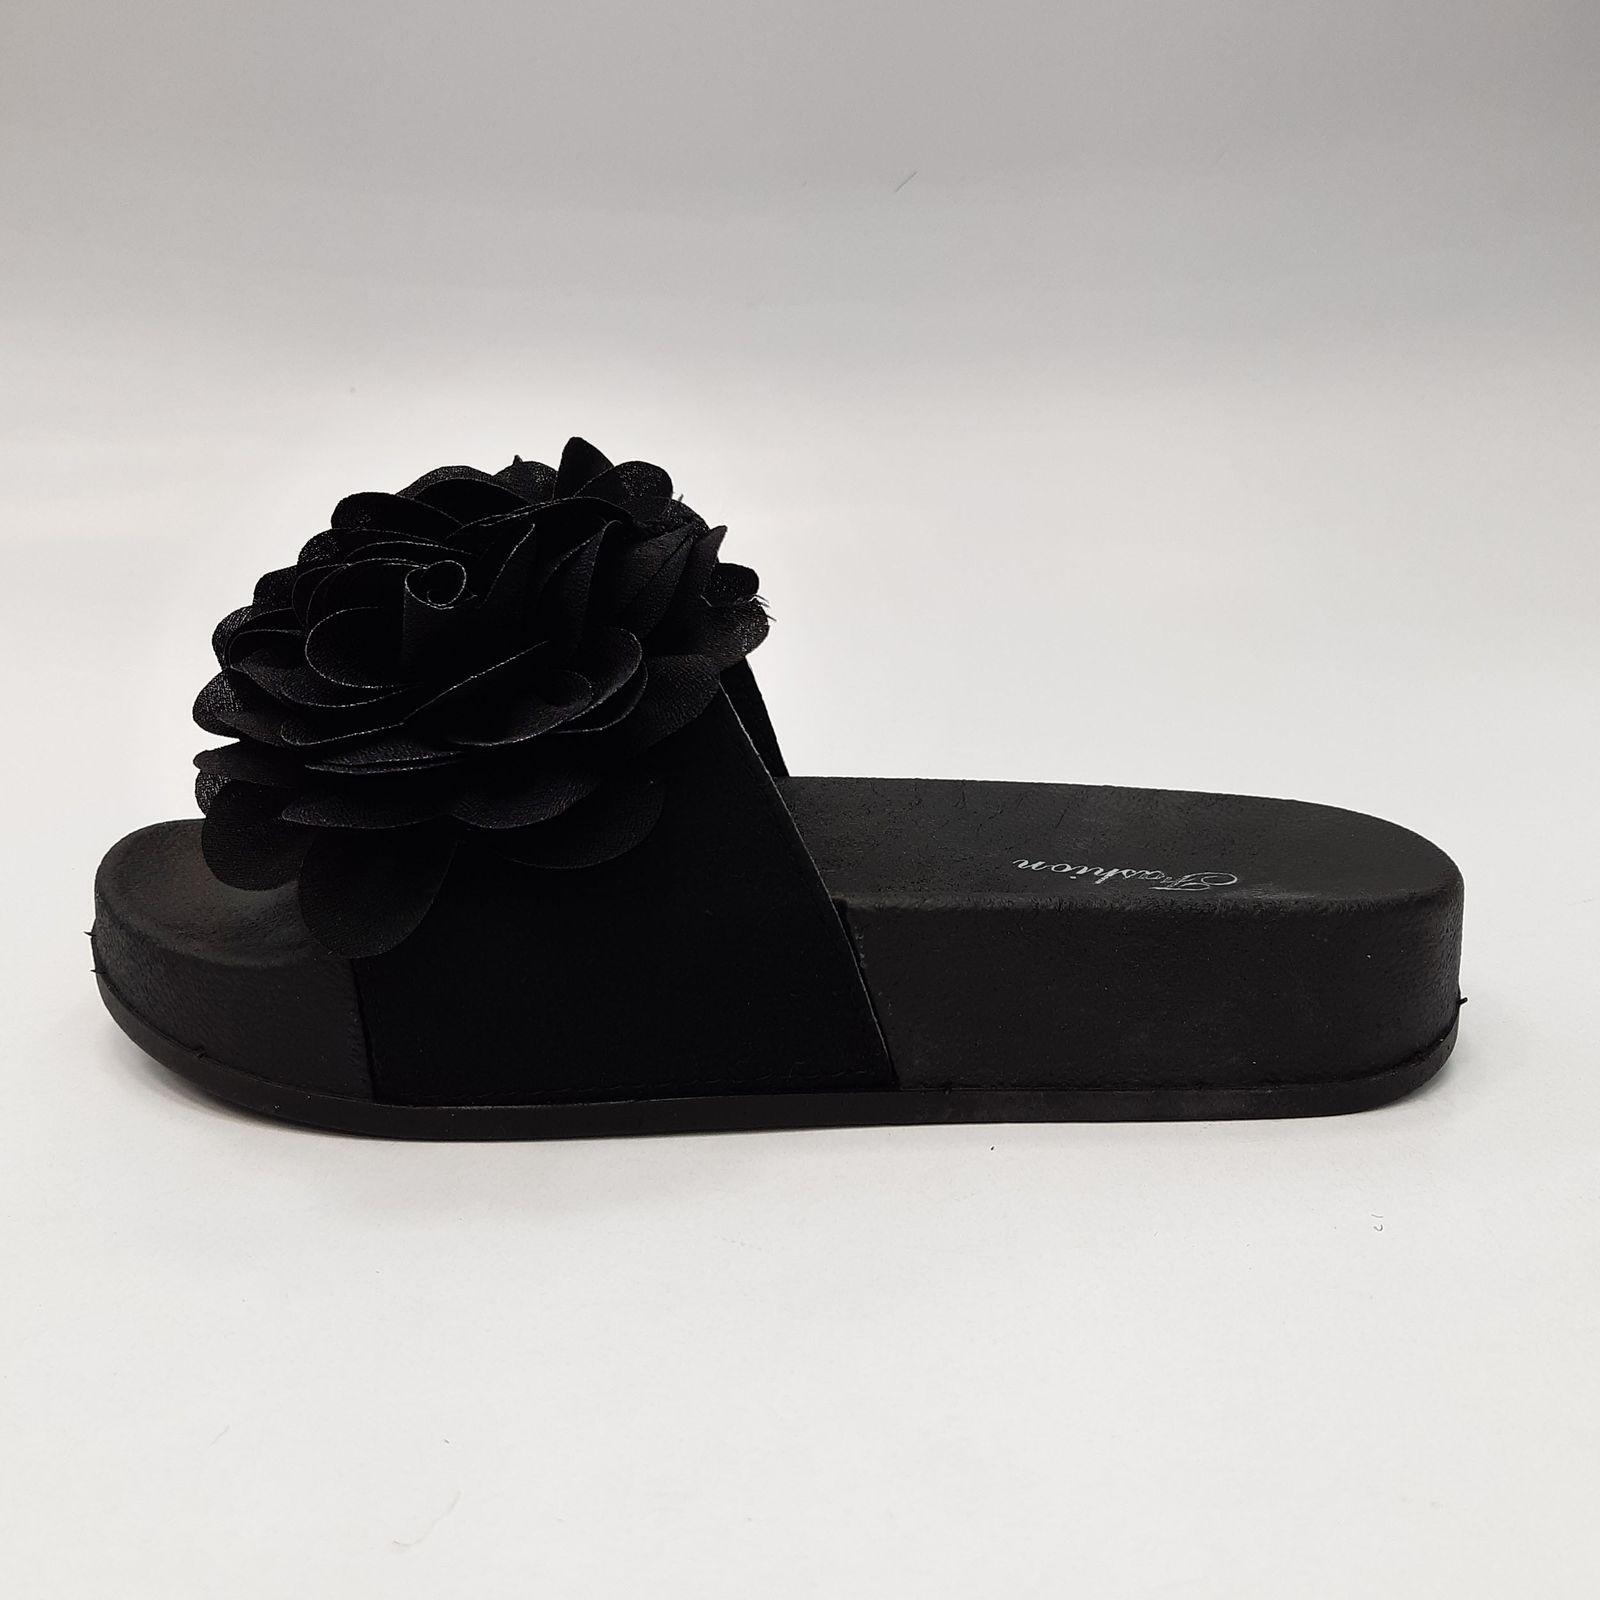 دمپایی زنانه نیکتا مدل L-030-Flower-Bl -  - 2